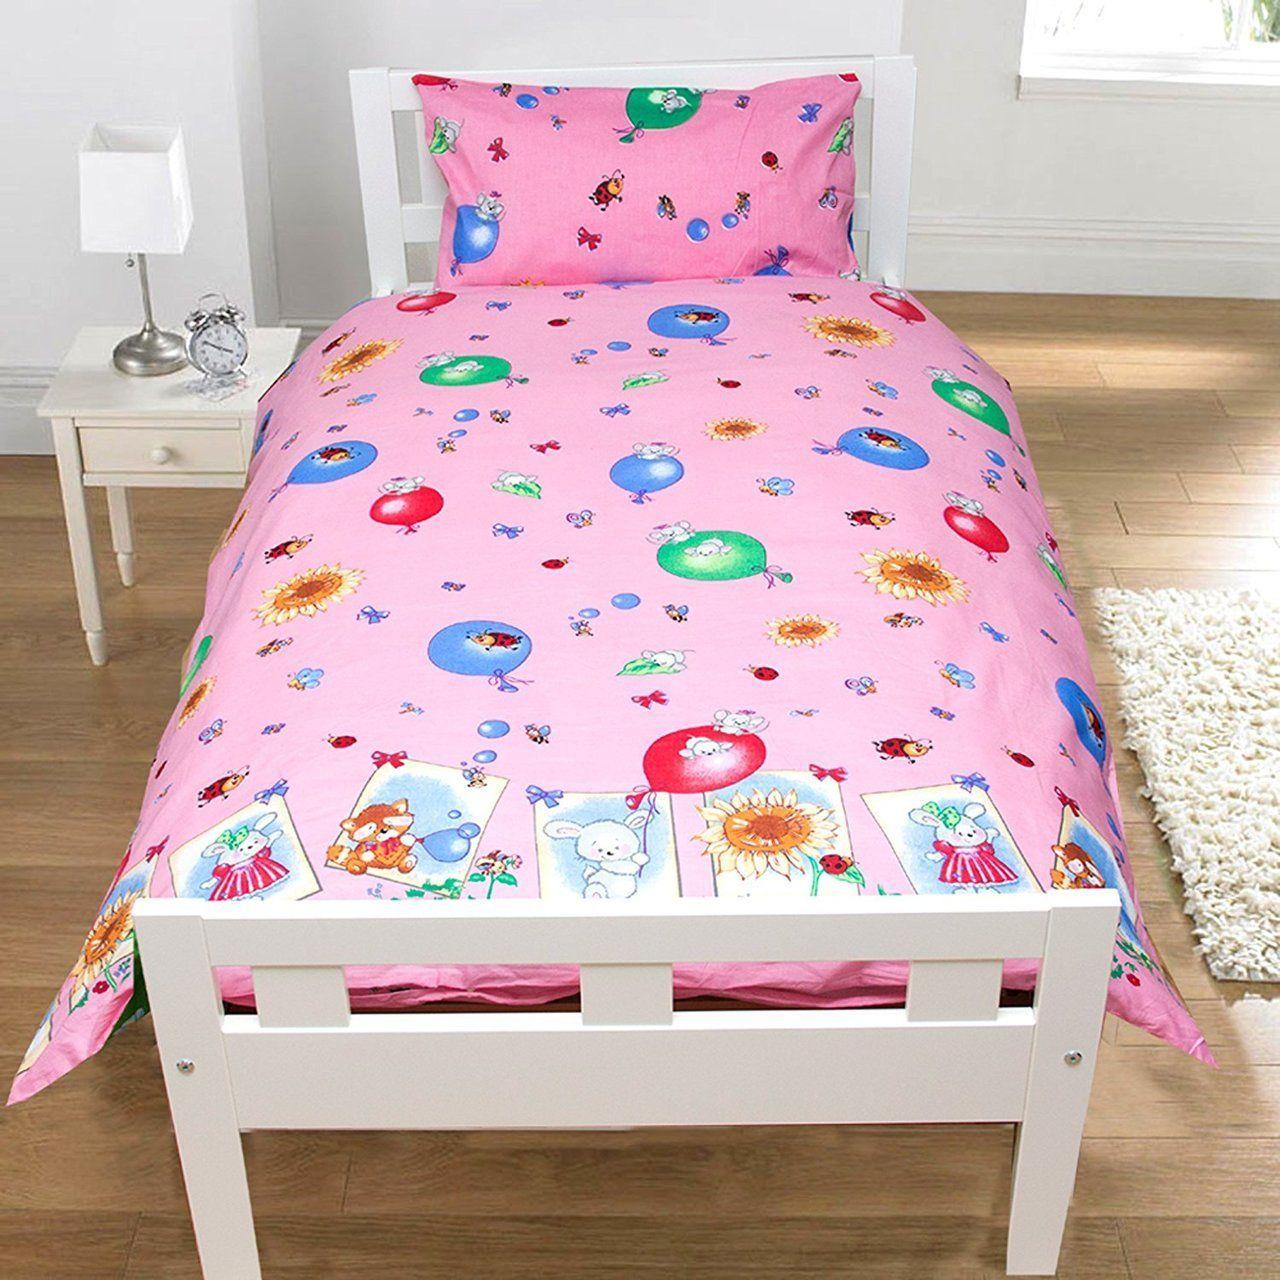 Tanner Cot Bed Duvet Cover Set Cot bed duvet, Duvet